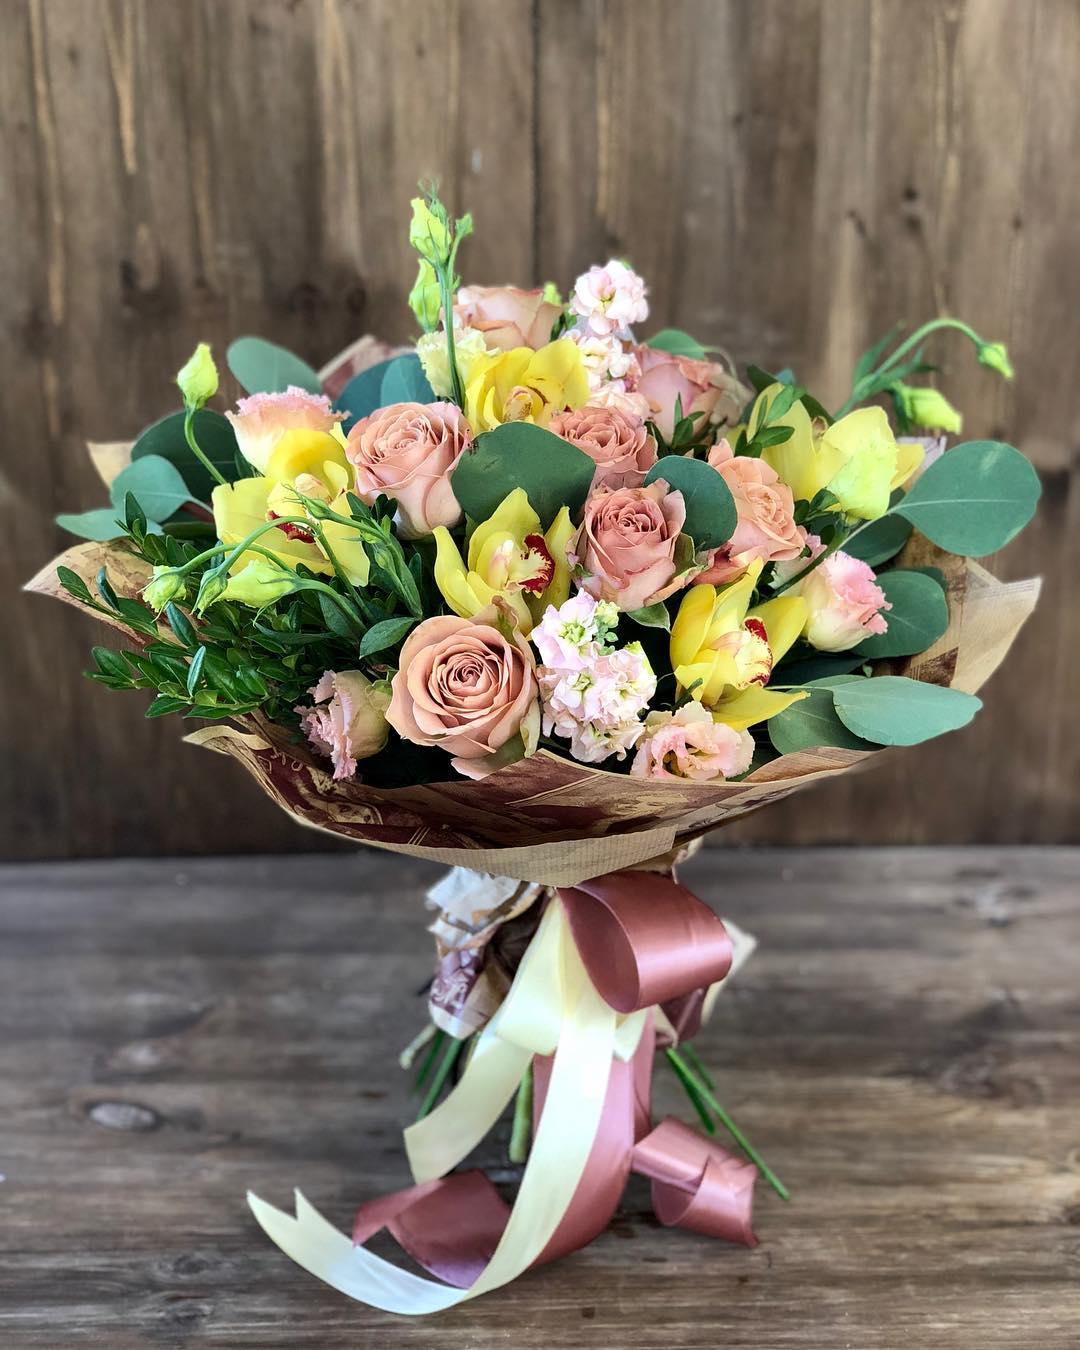 Шикарный букет цветов Псков | Цветы.РУ | Цветы.Ру